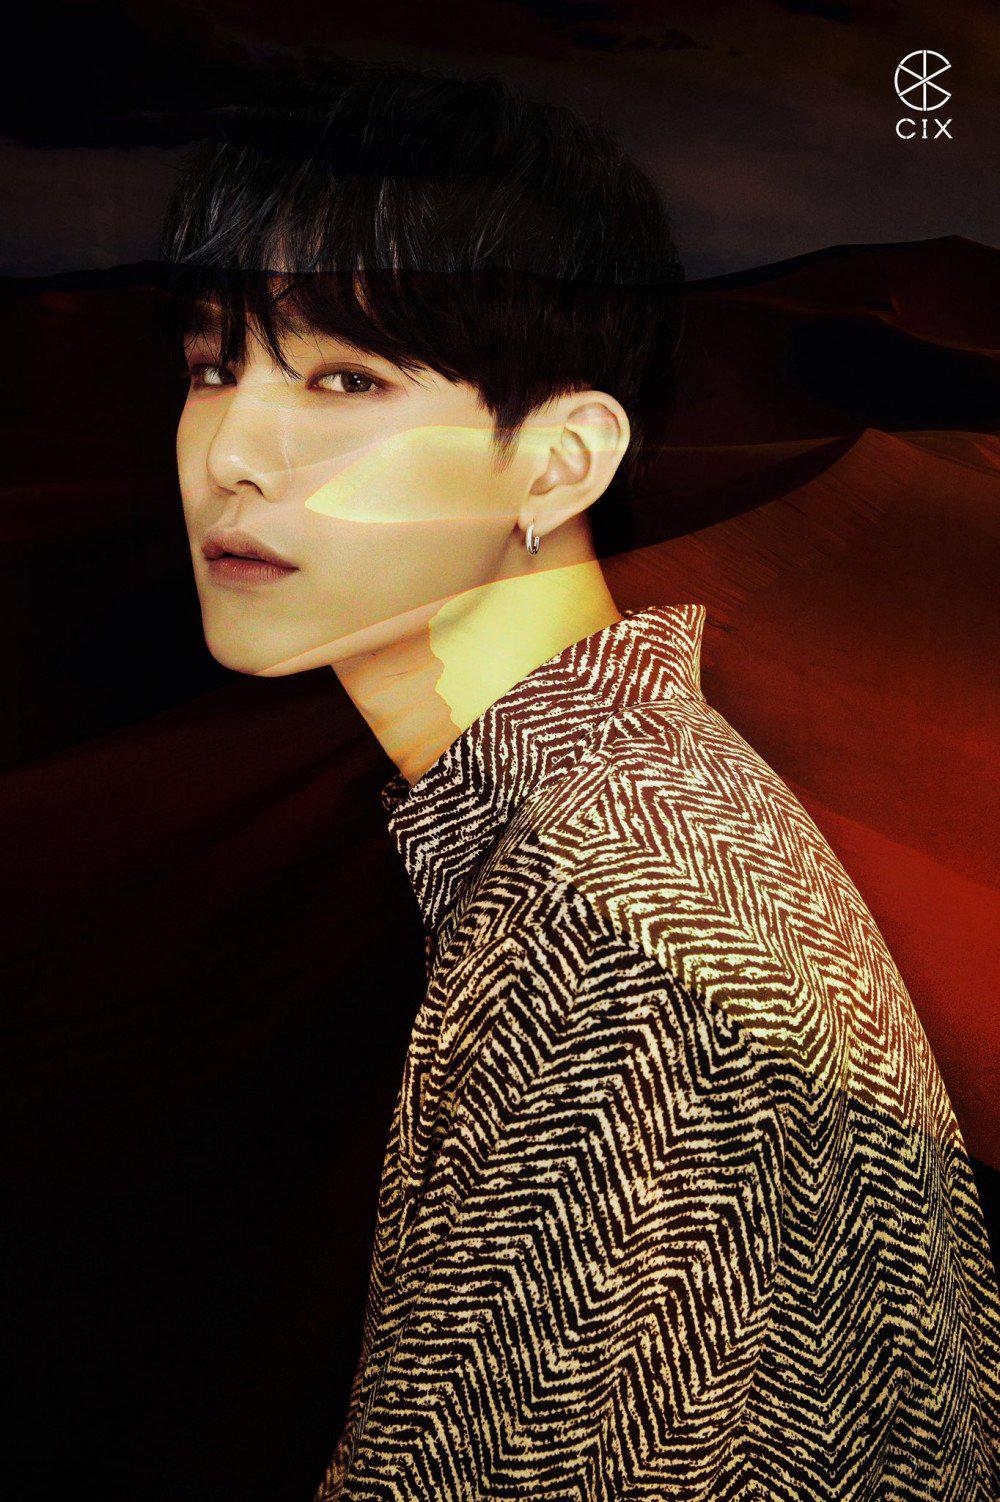 Seung Hun (CIX)